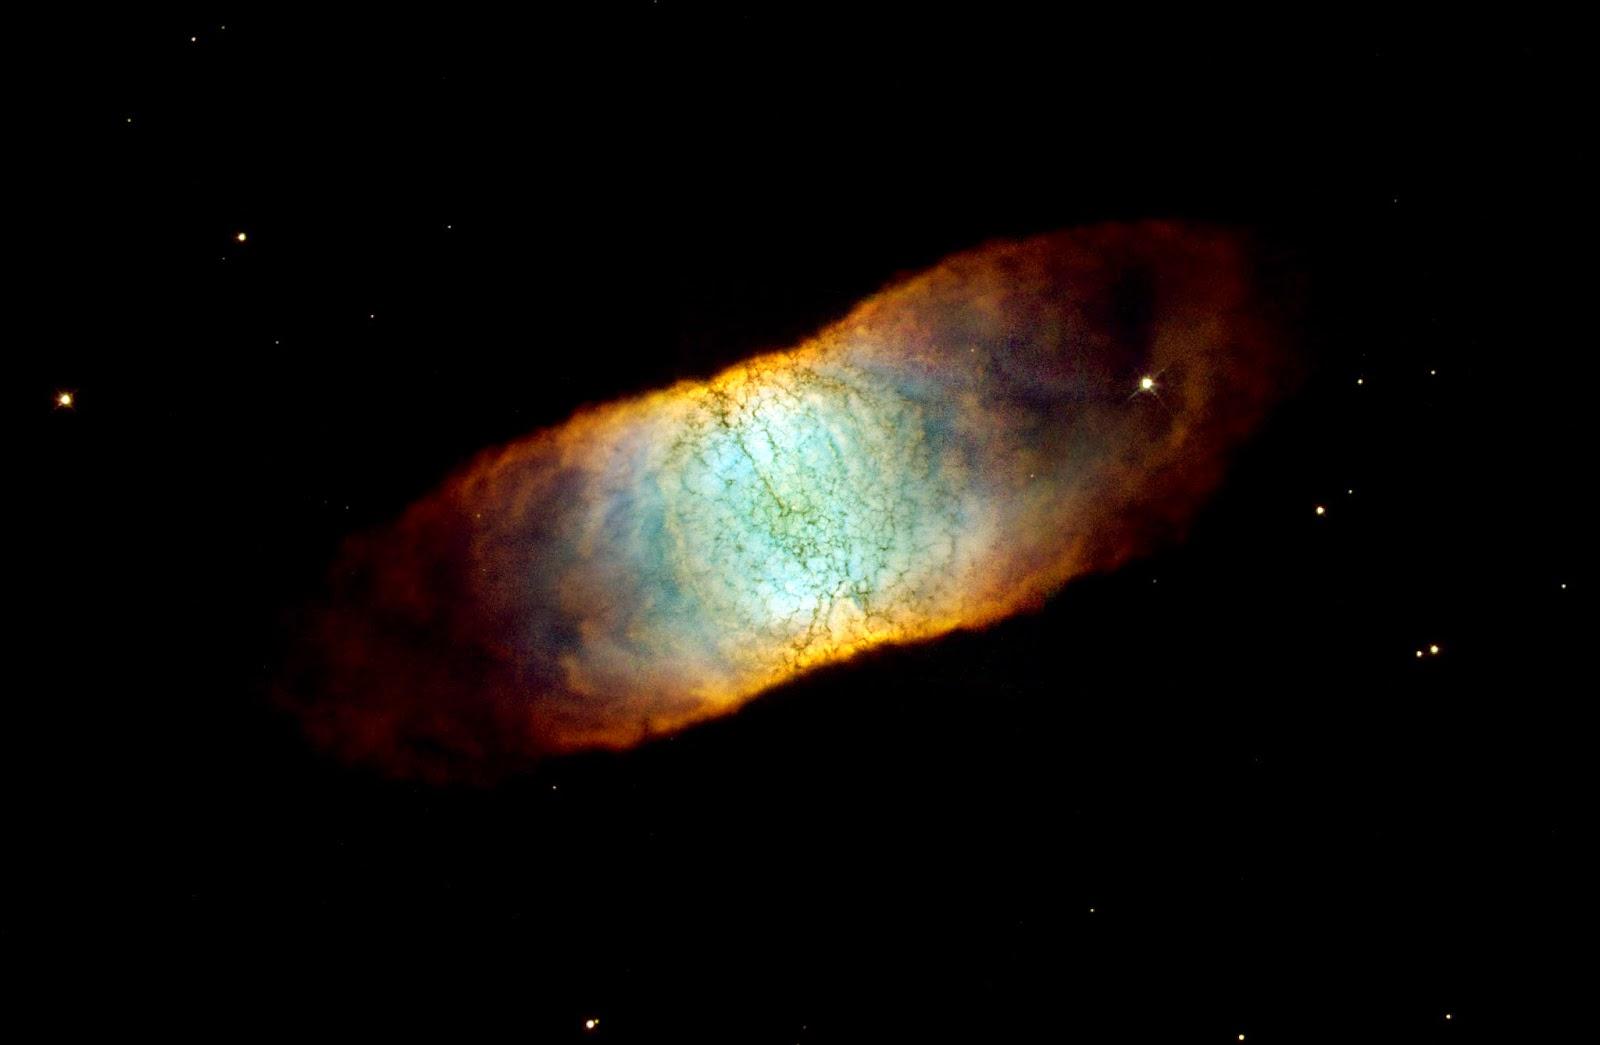 IC 4406 : Dört Köşeli Görünüme Sahip Bir Bulutsu